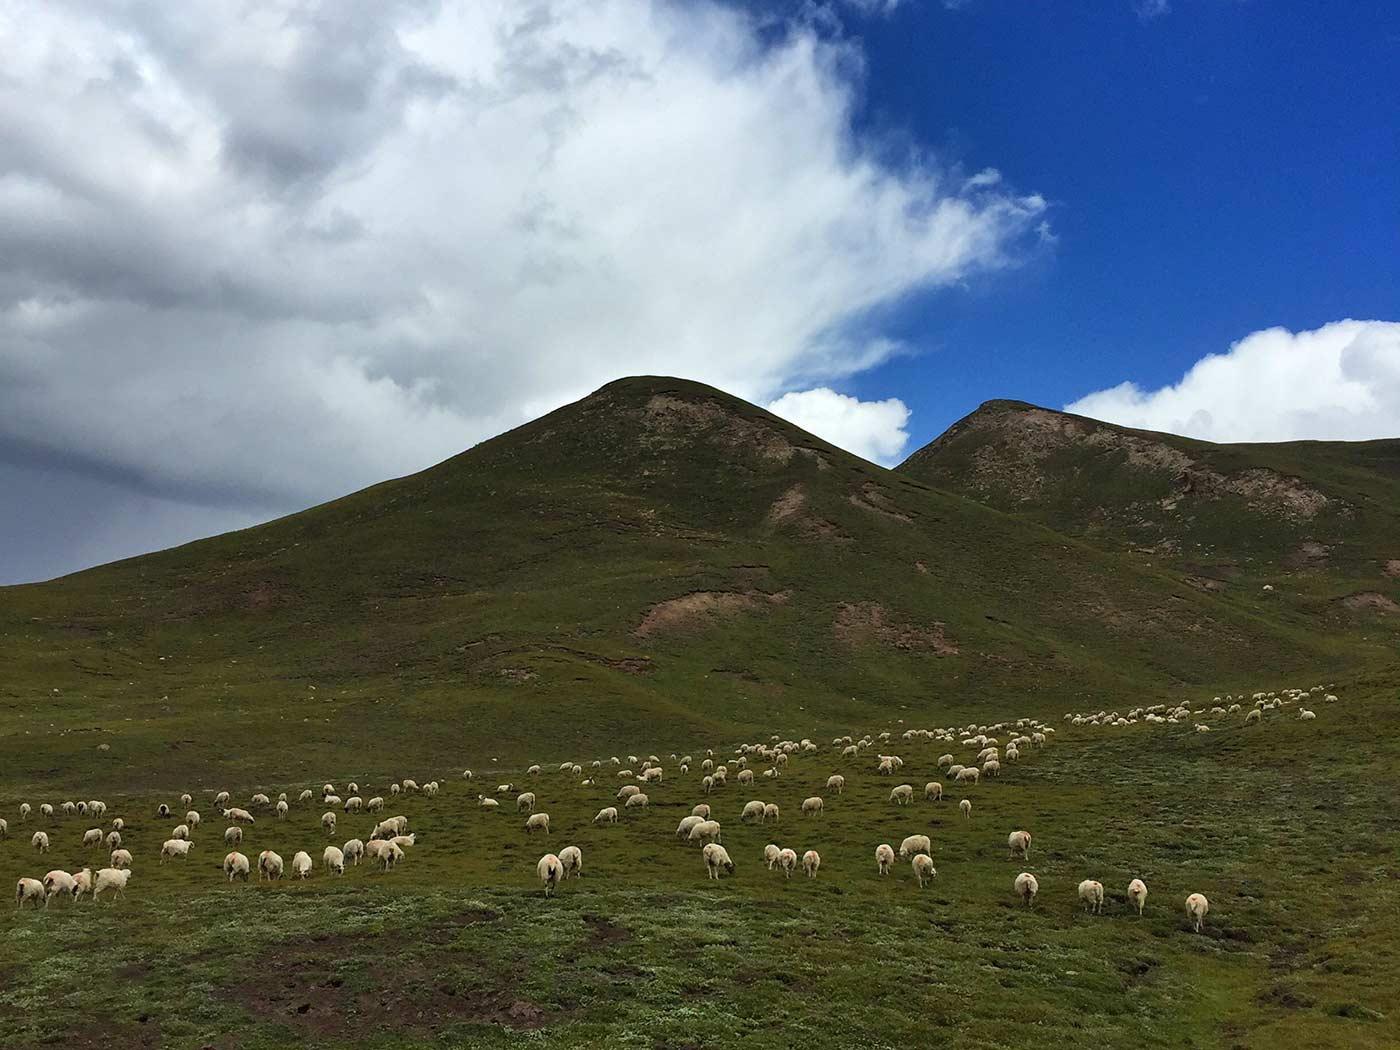 祁连山的羊群